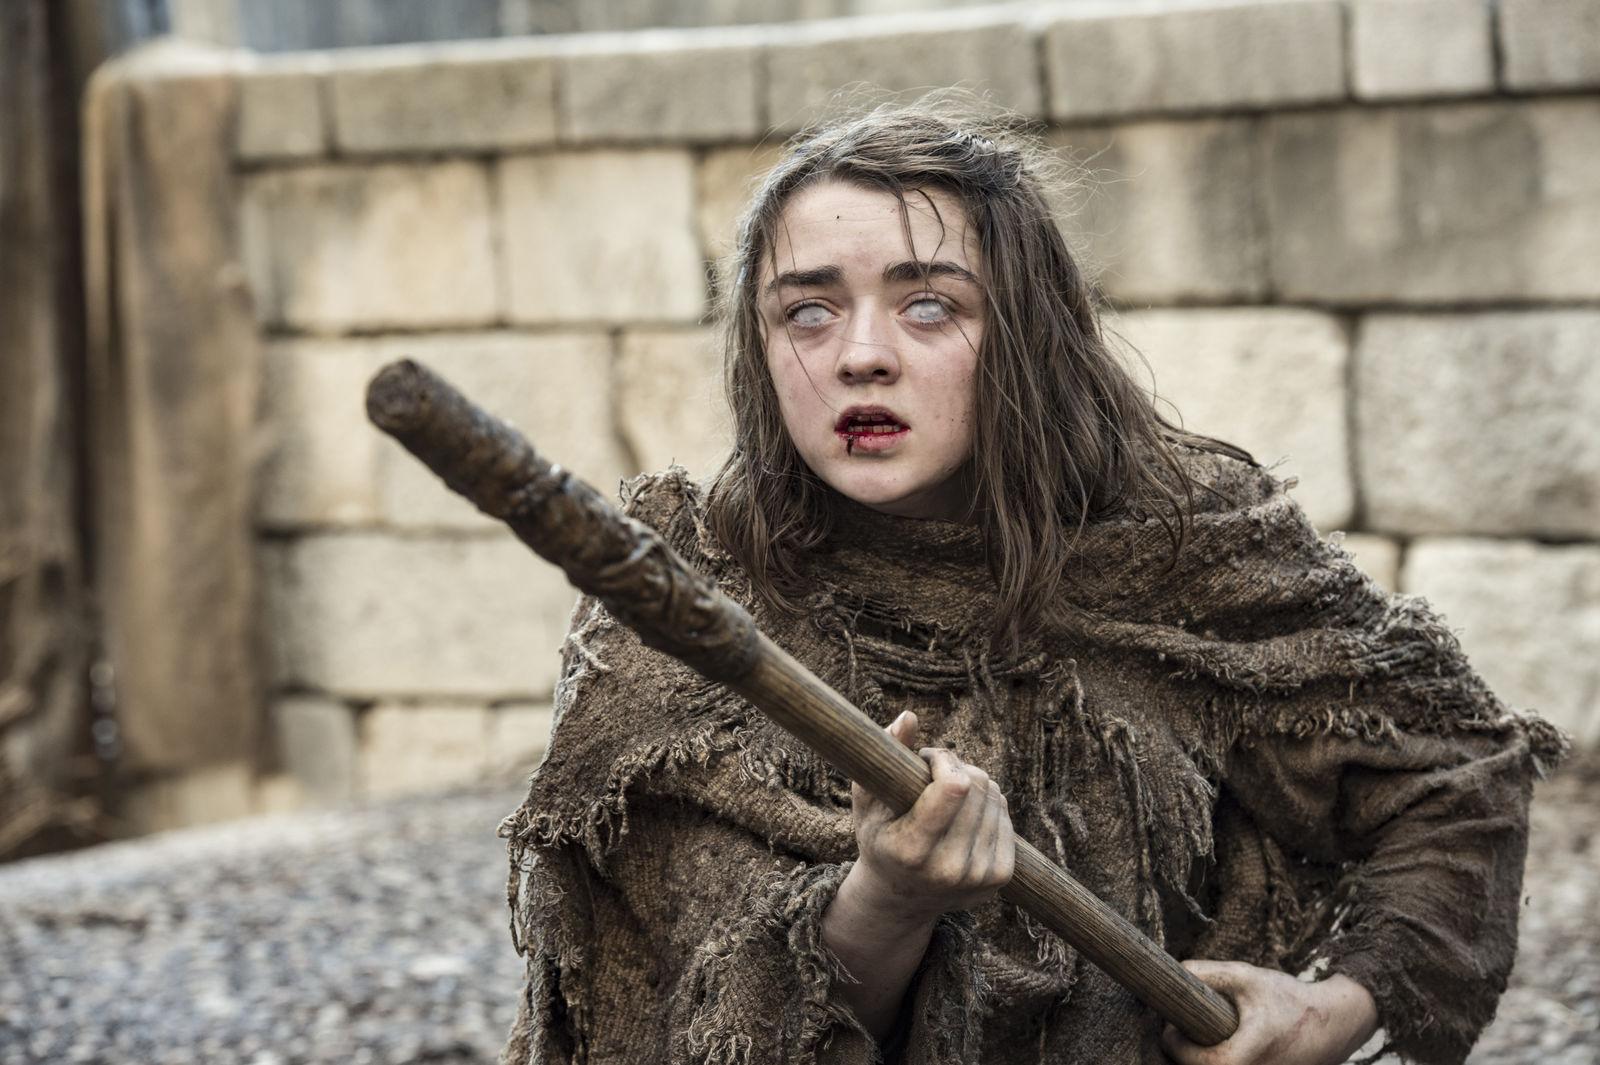 Populariteten til Game of Thrones holder seg stabilt.